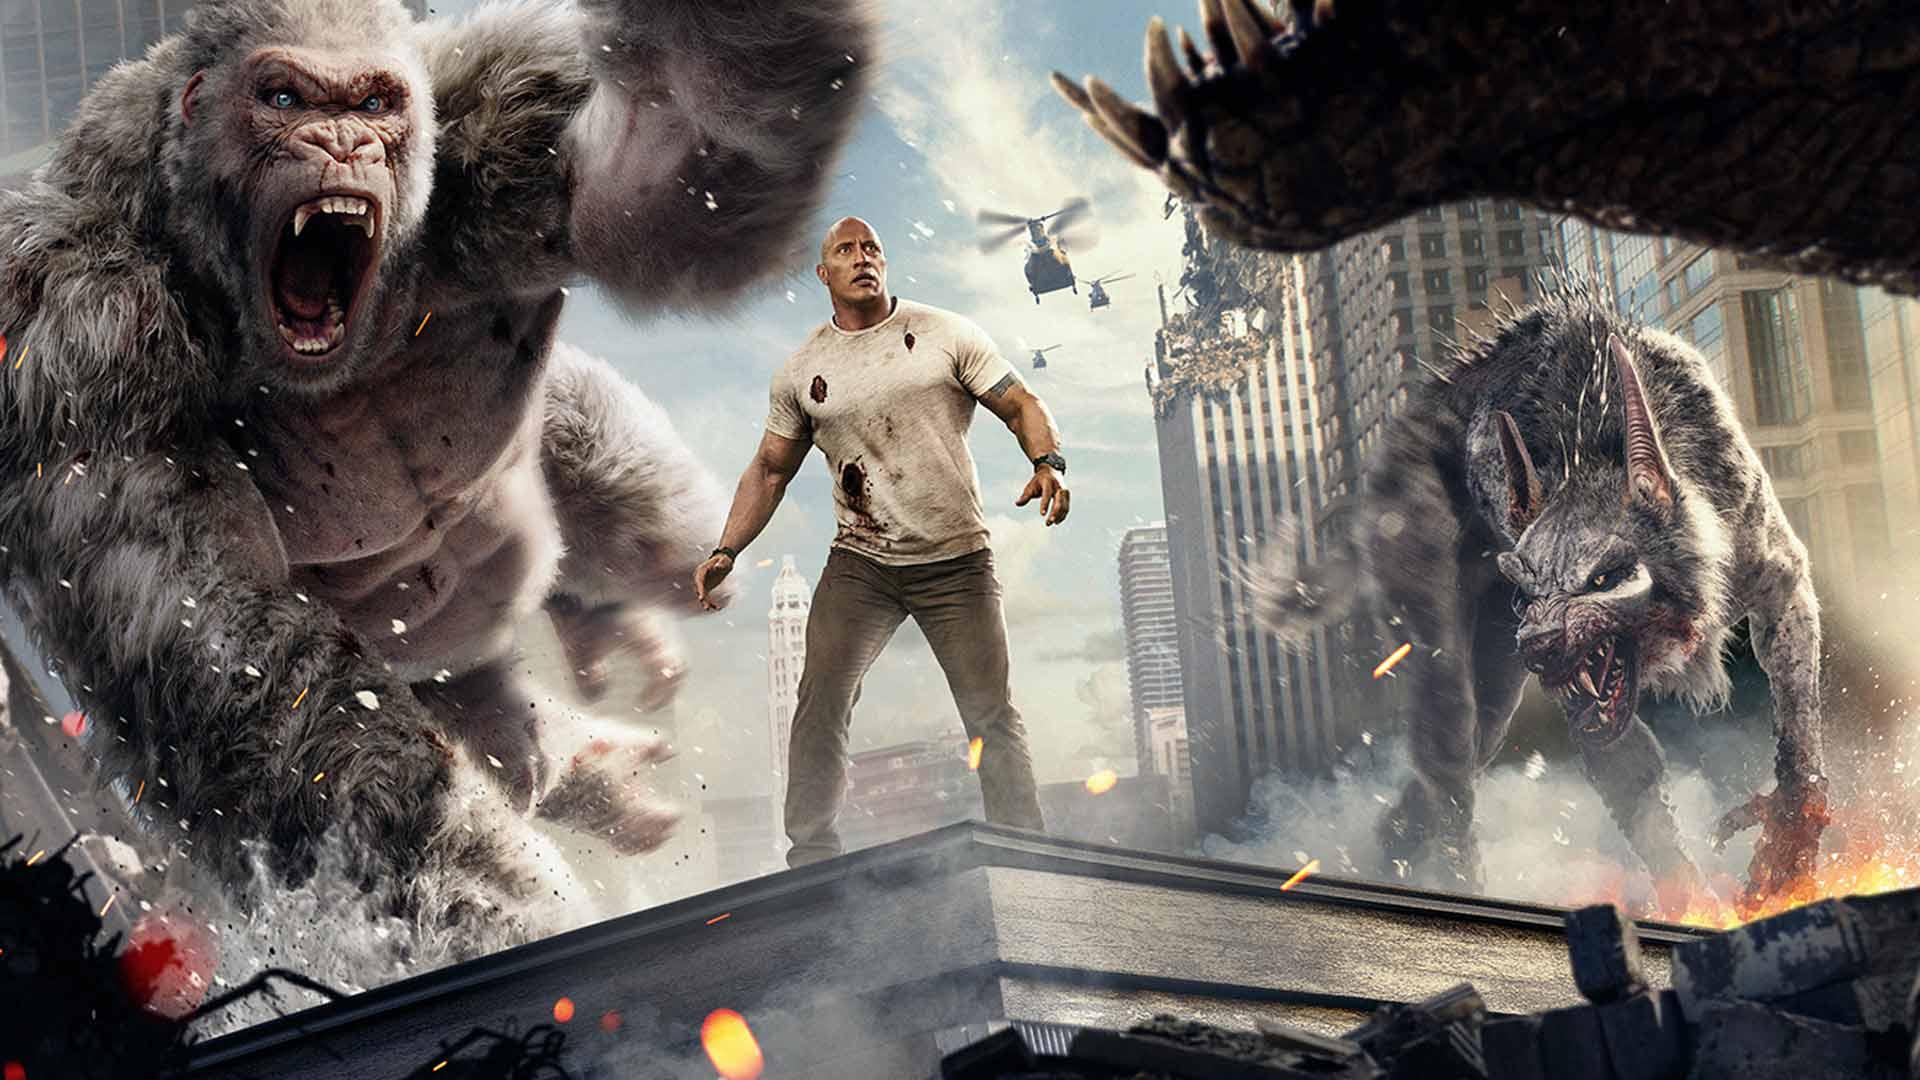 Rampage Movie Hd Wallpapers Download 1080p: Rampage: Destruição Total Chega Aos Cinemas De Brusque